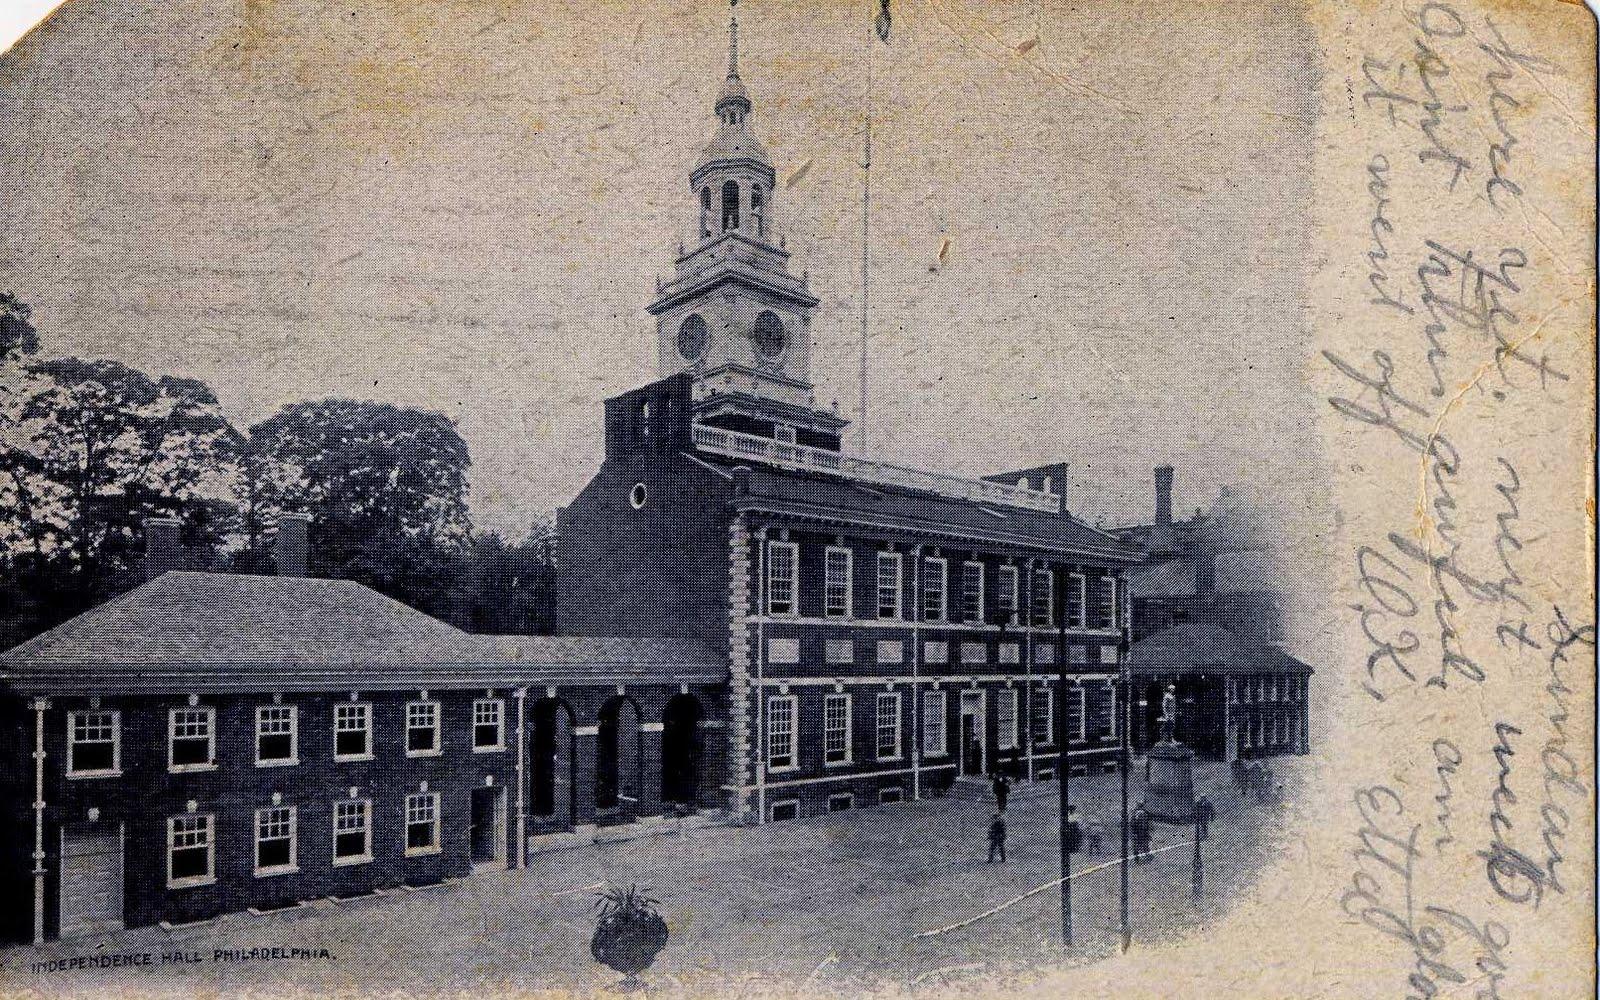 http://3.bp.blogspot.com/-vxd3hov4lMo/TlUivAV8TyI/AAAAAAAAB7Y/c_WGzWotkN0/s1600/Independence+Hall%252C+PA+12.12.1910.jpg